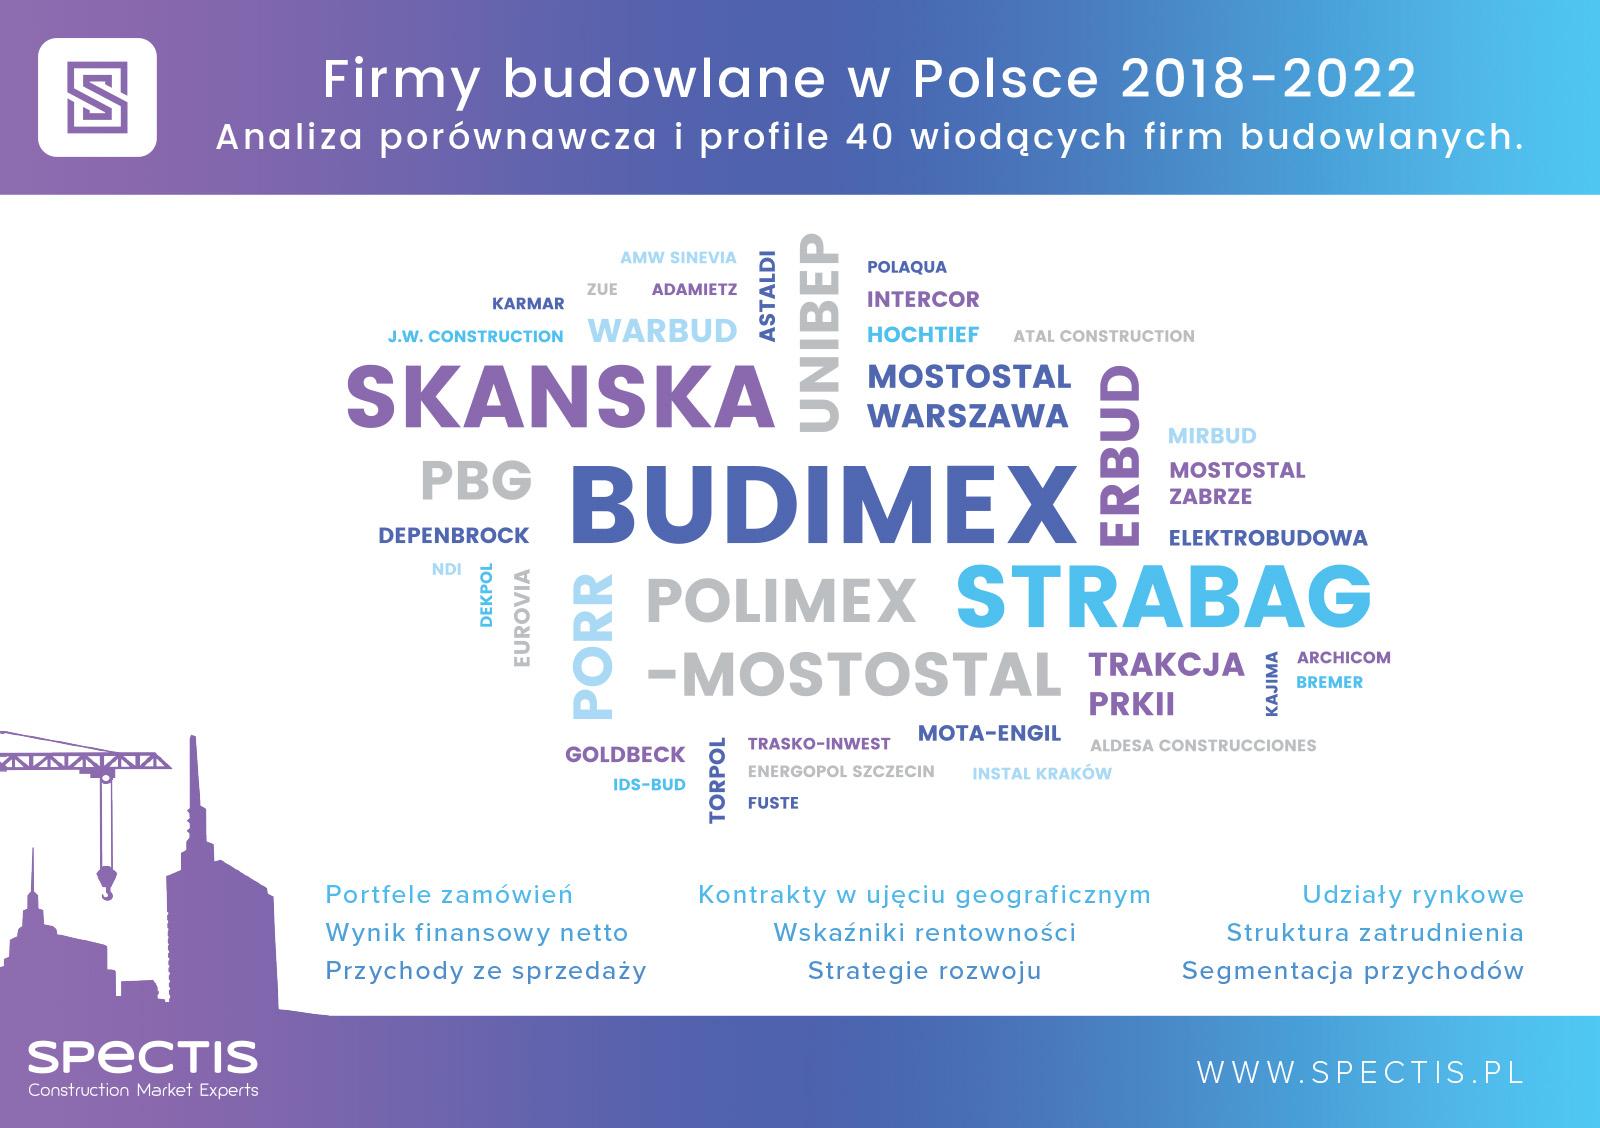 Nowy raport: Firmy budowlane w Polsce 2018-2022